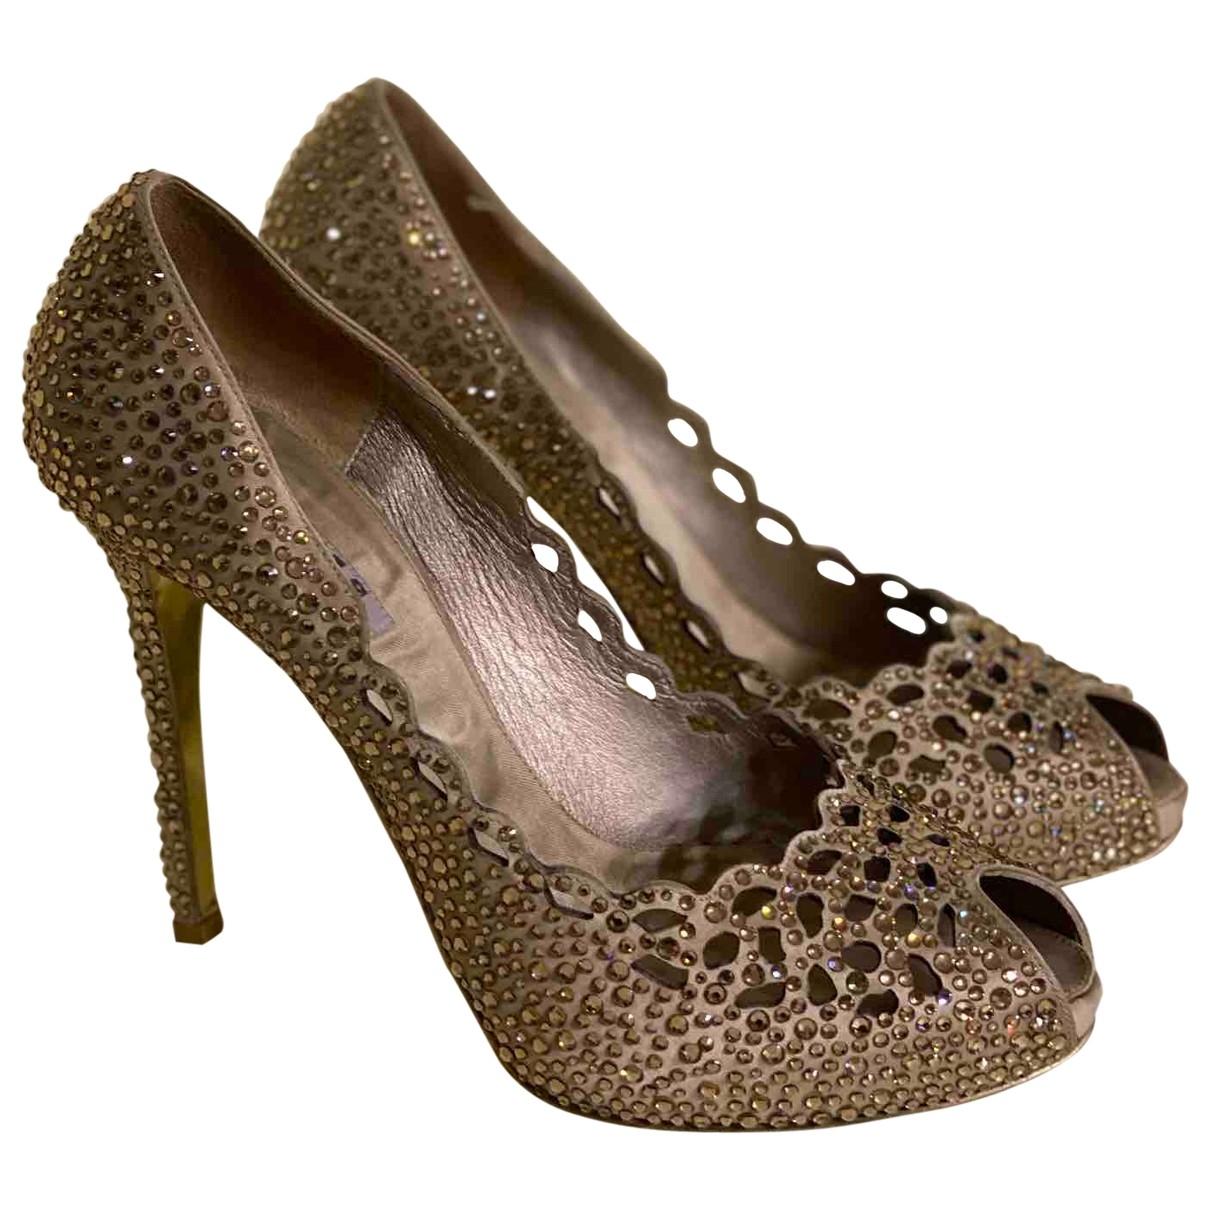 Le Silla - Escarpins   pour femme en a paillettes - dore